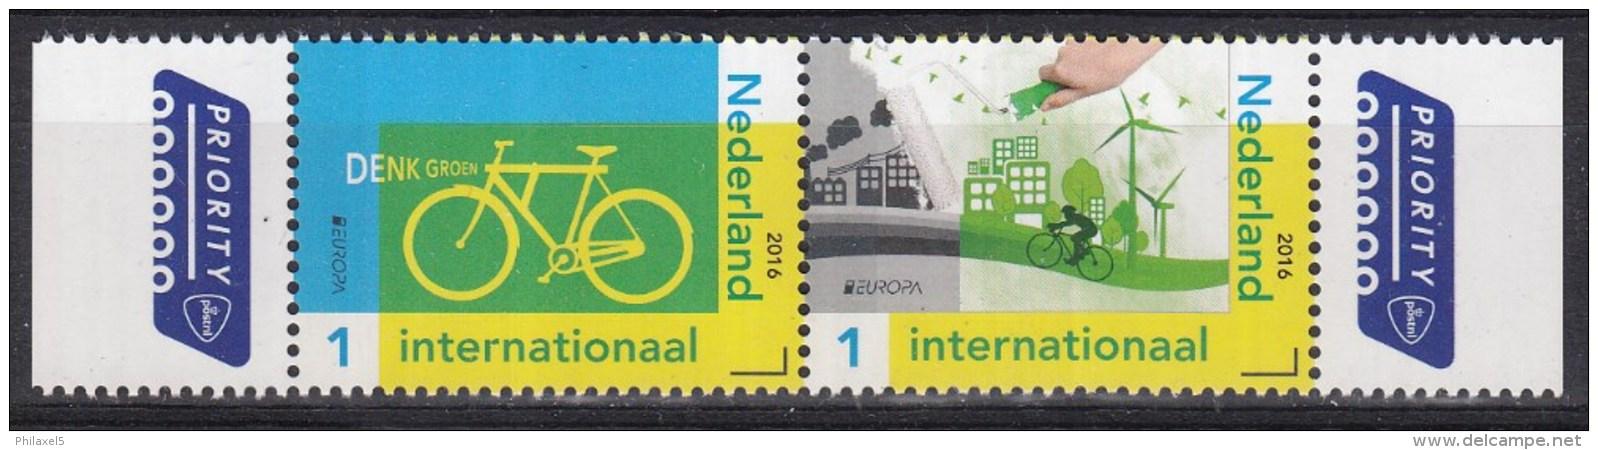 Nederland - 25 April 2016 - Europapostzegels: Denk Groen - Fiets Linkerzegel - Postfris/MNH - 2016